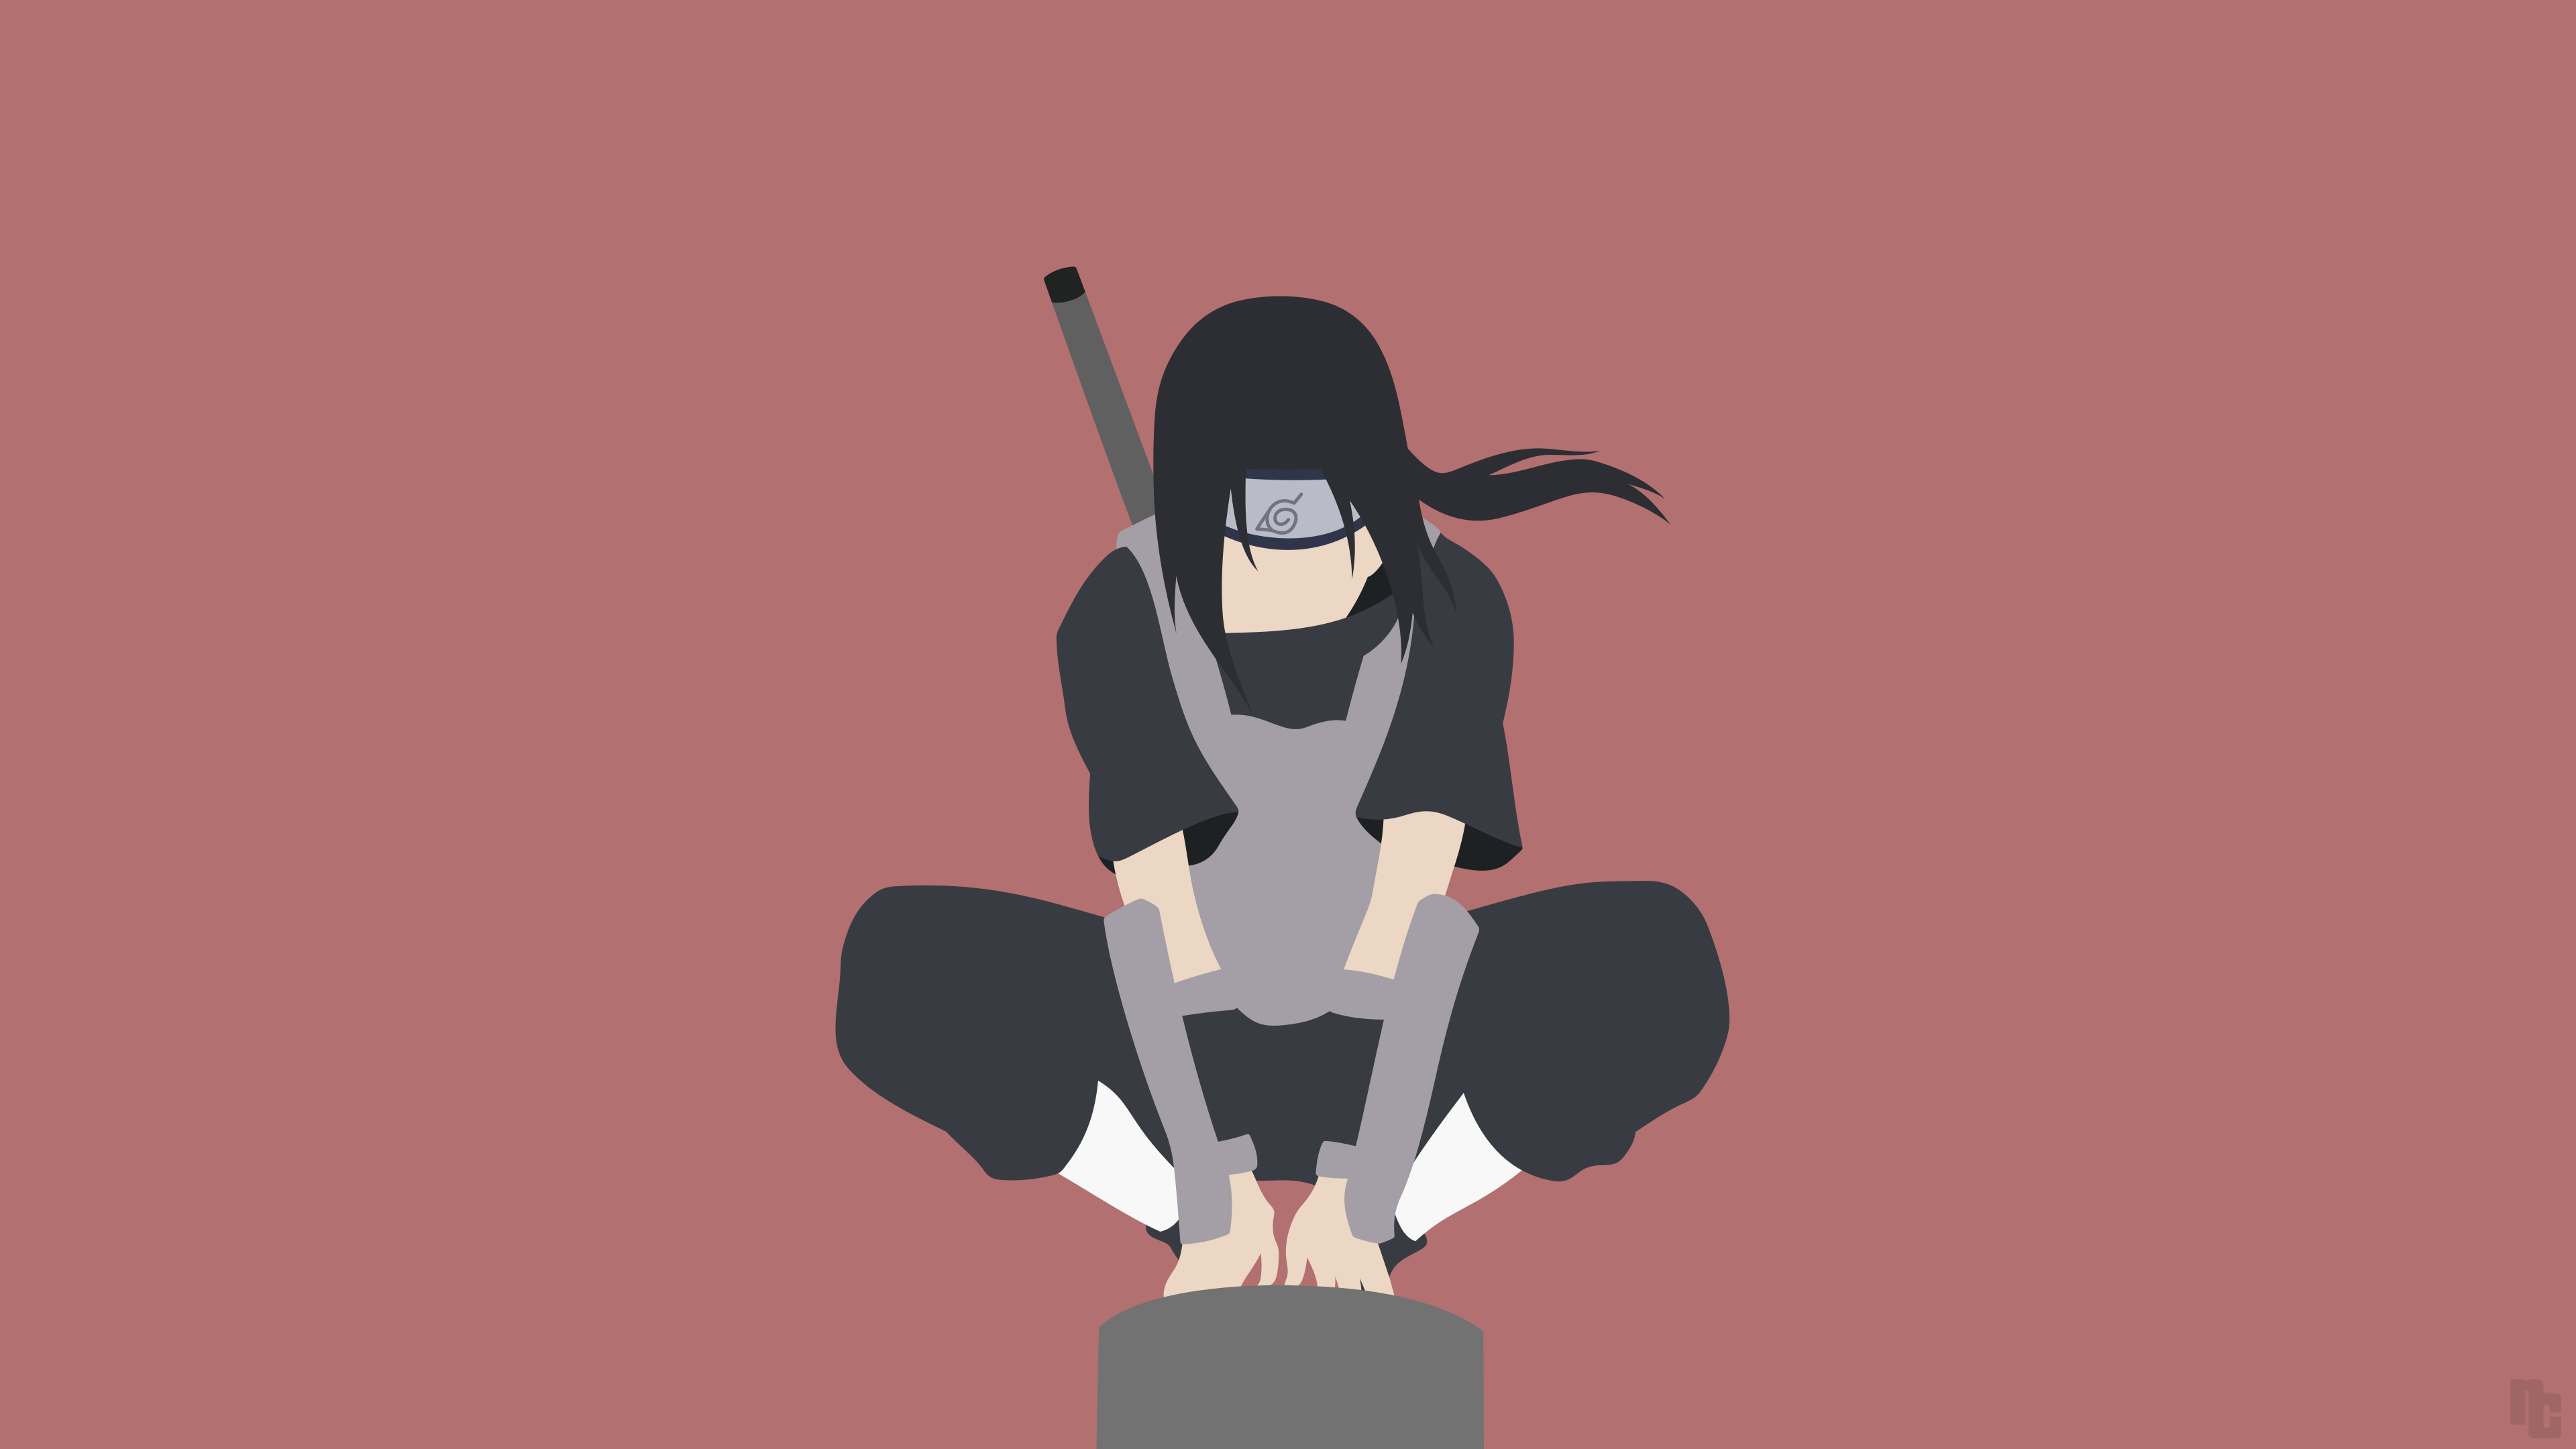 Naruto Wallpaper 4k Itachi